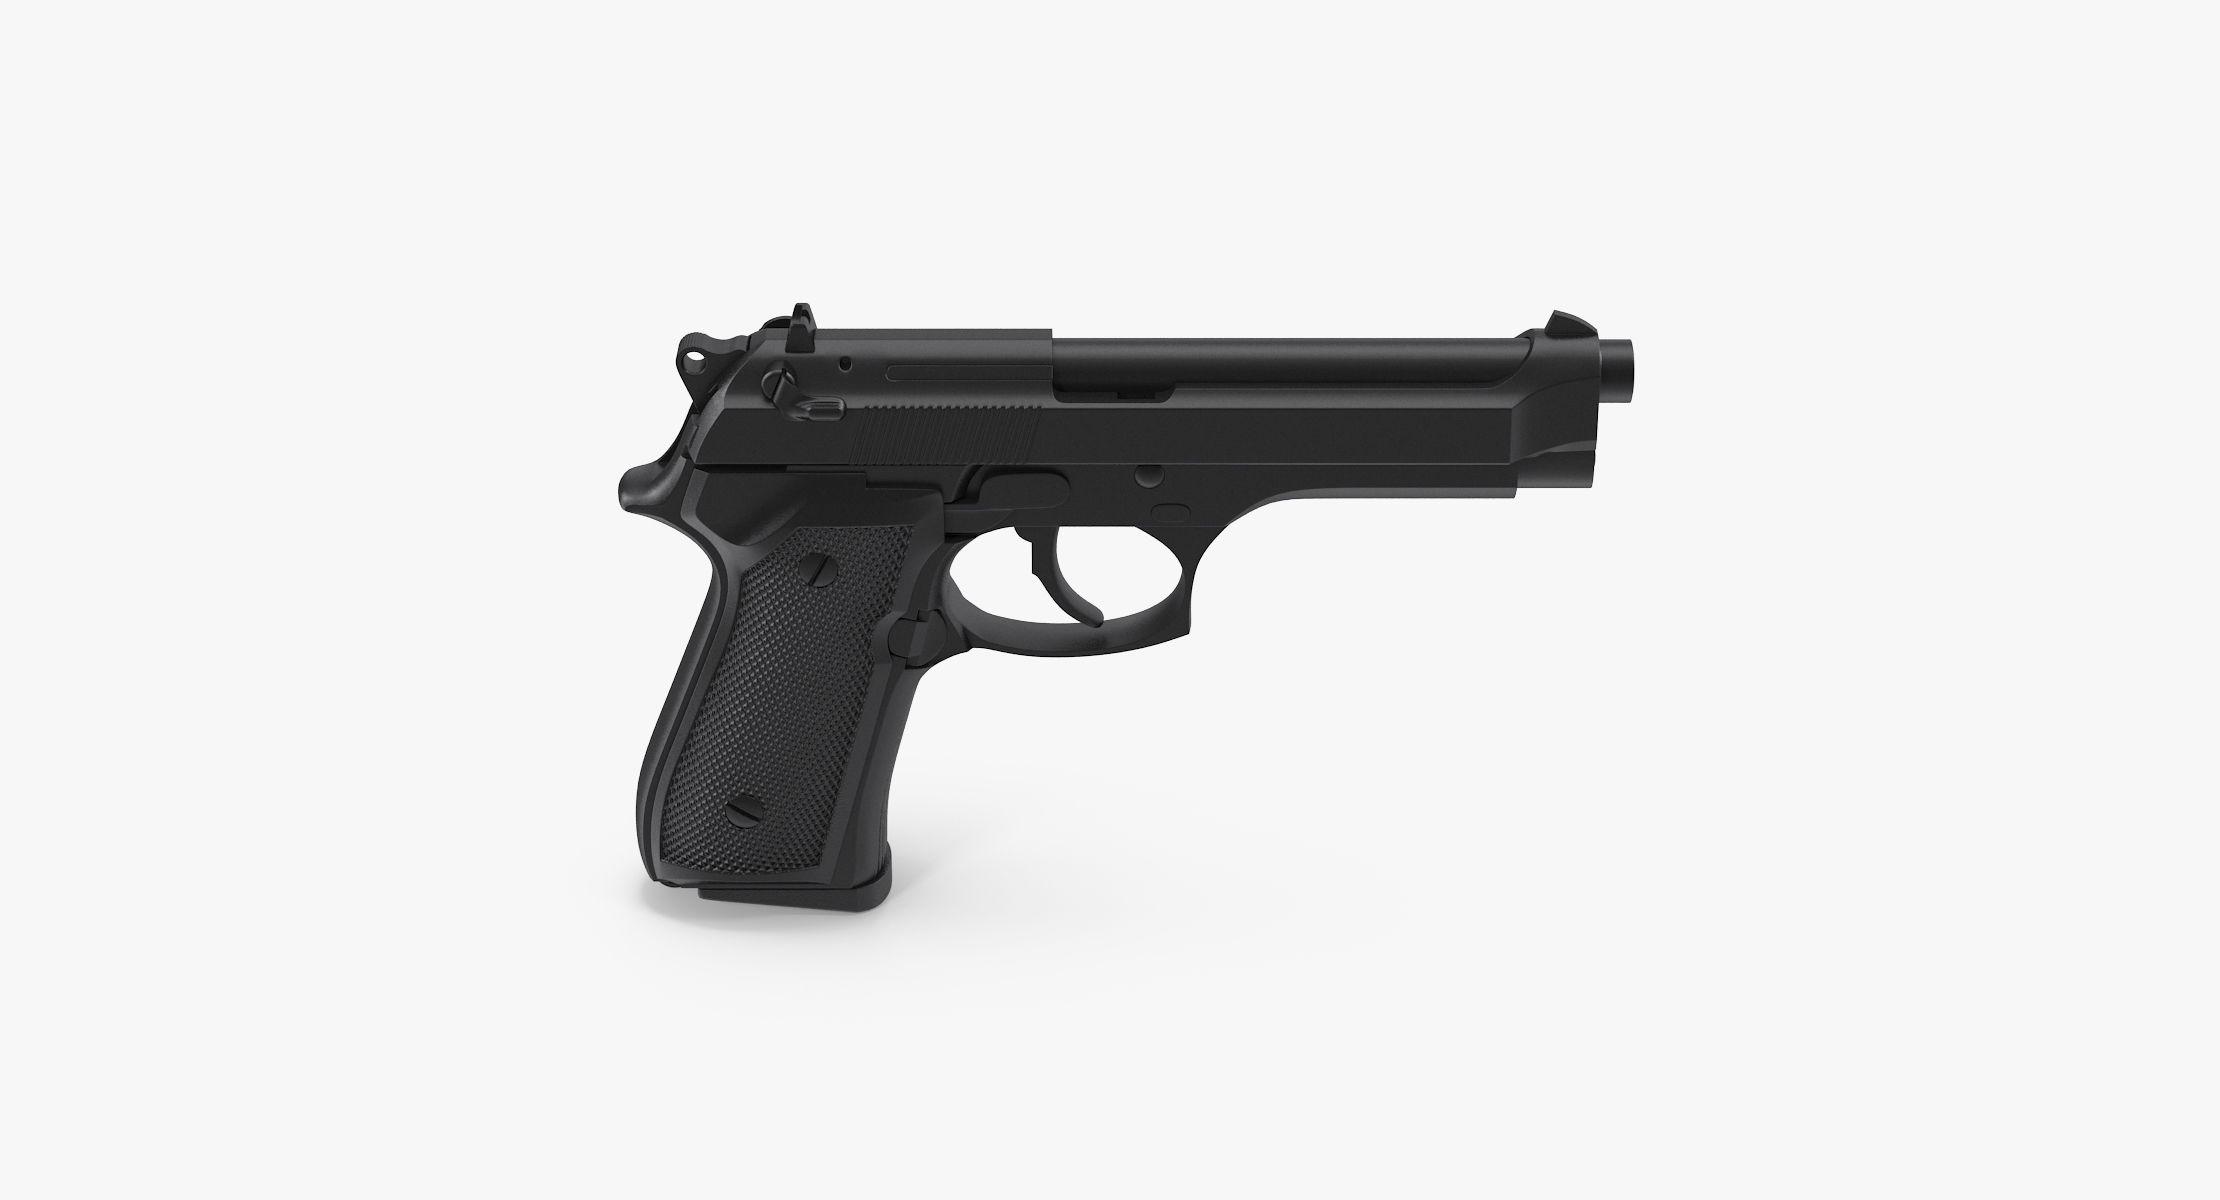 Semi-Automatic Pistol - reel 1